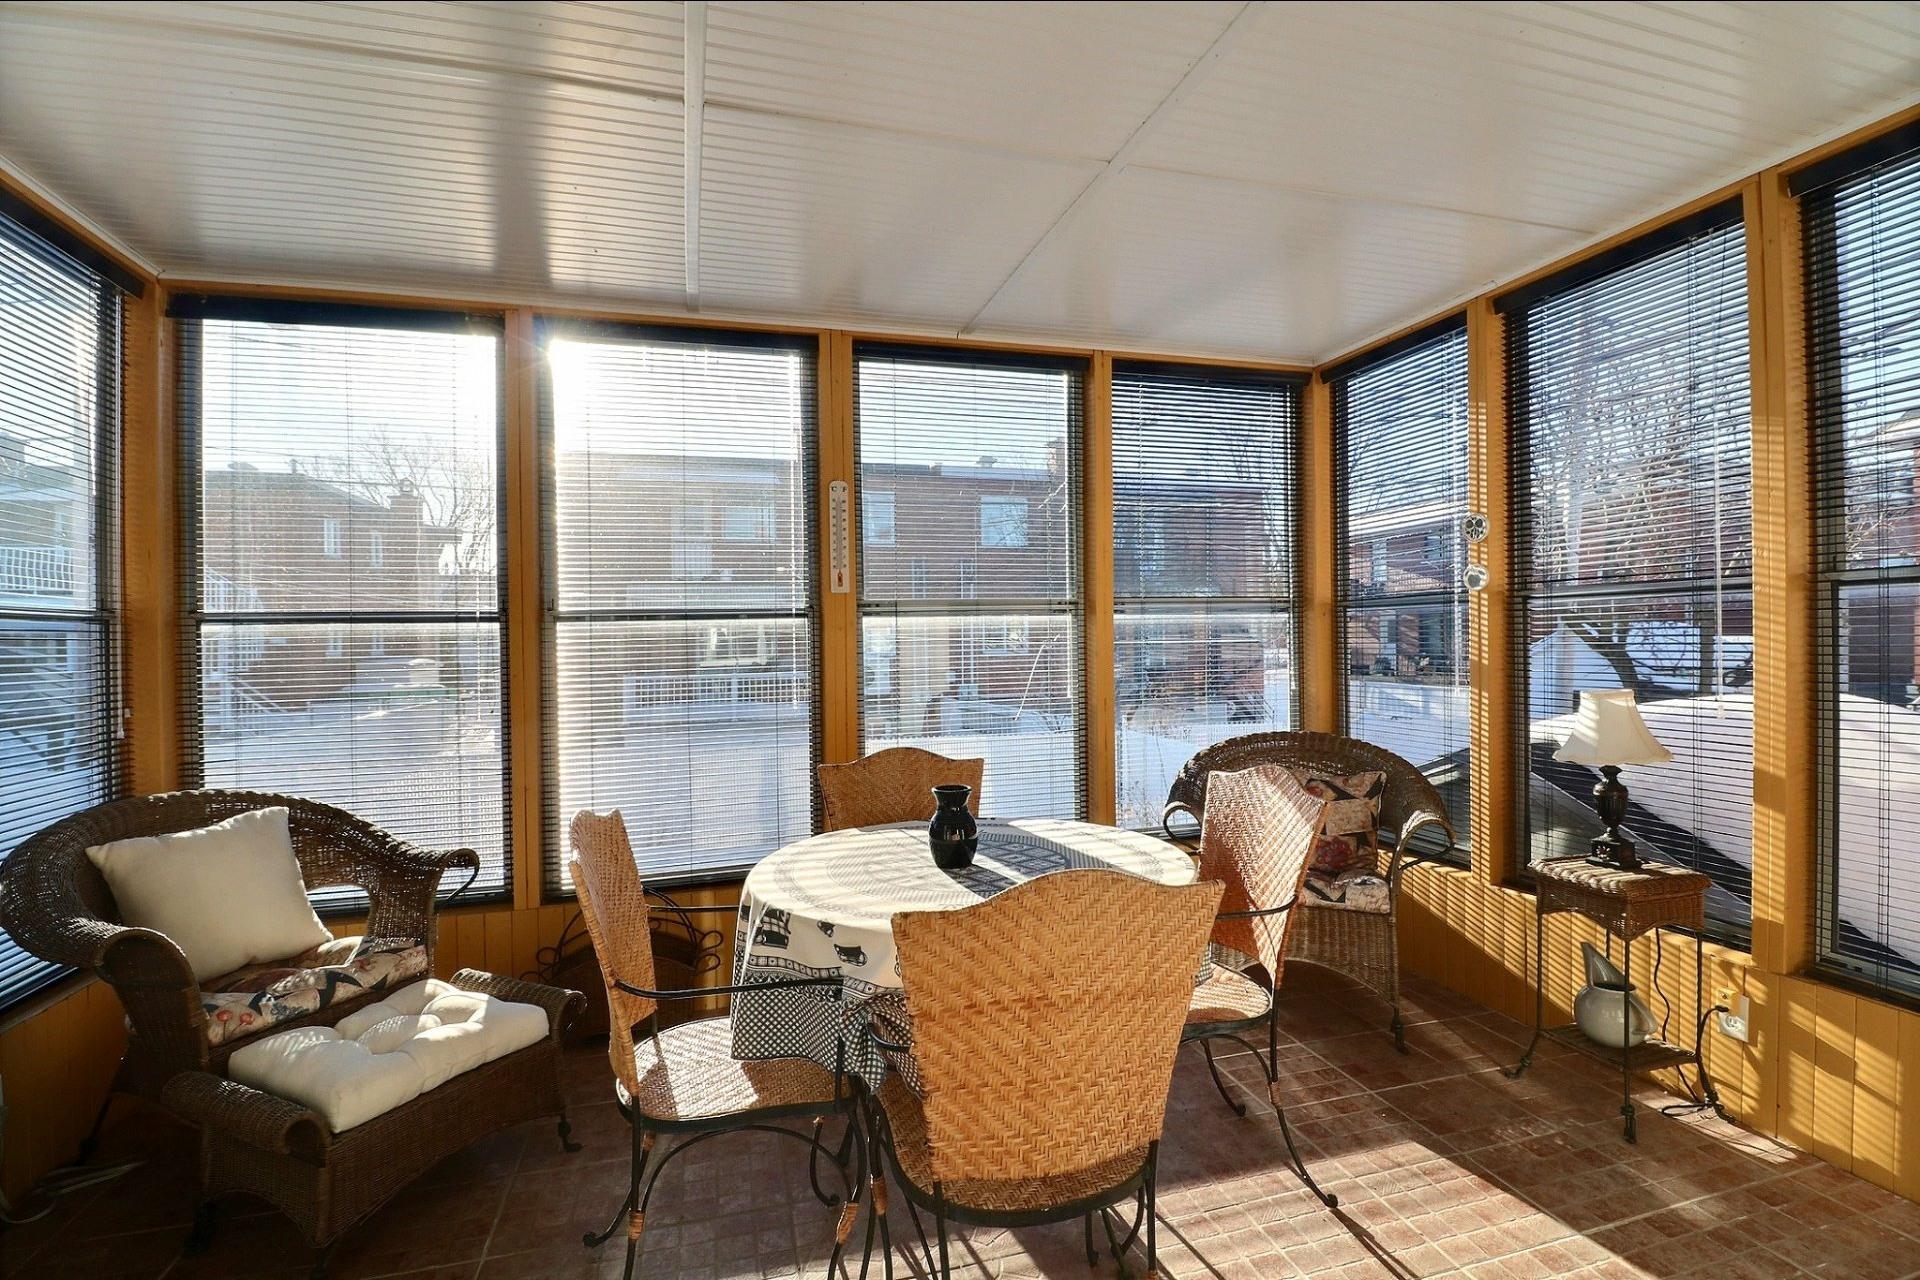 image 10 - Duplex À vendre Montréal-Nord Montréal  - 5 pièces